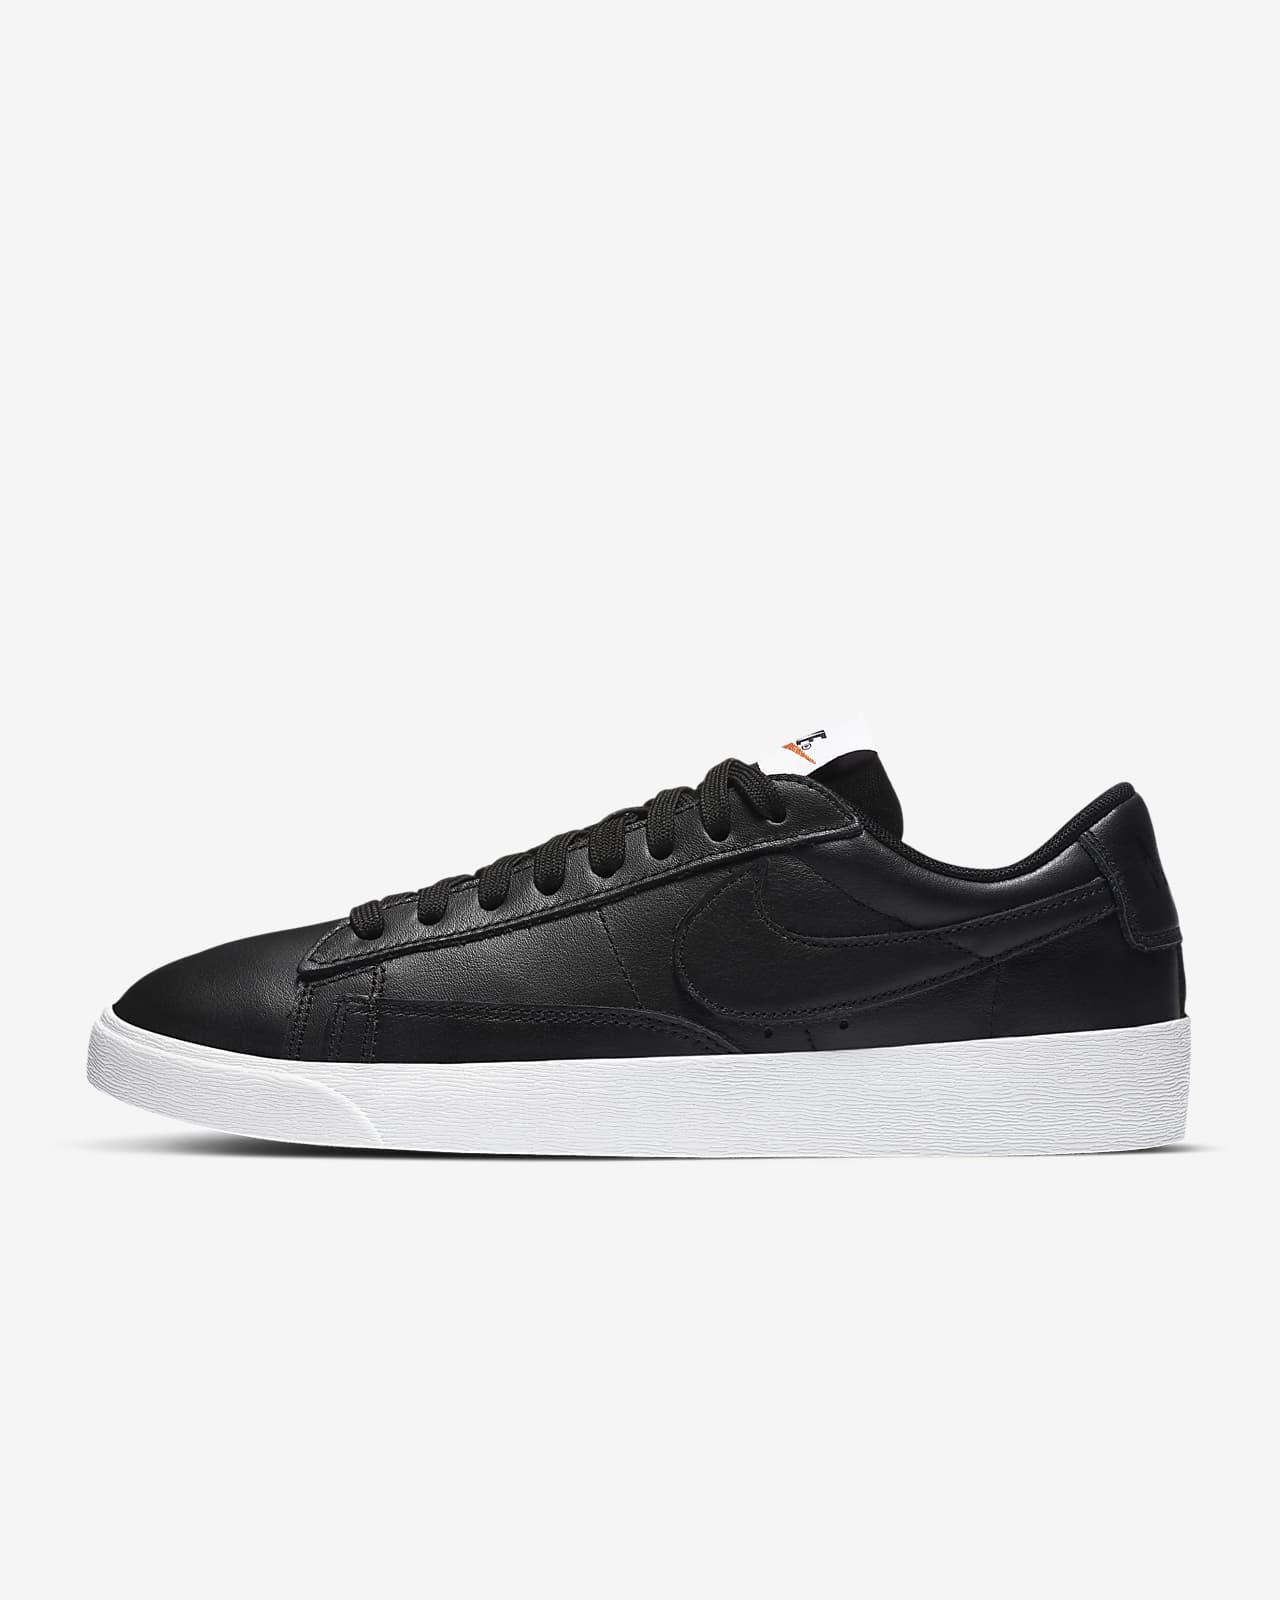 Chaussure Nike Blazer Low LE pour Femme